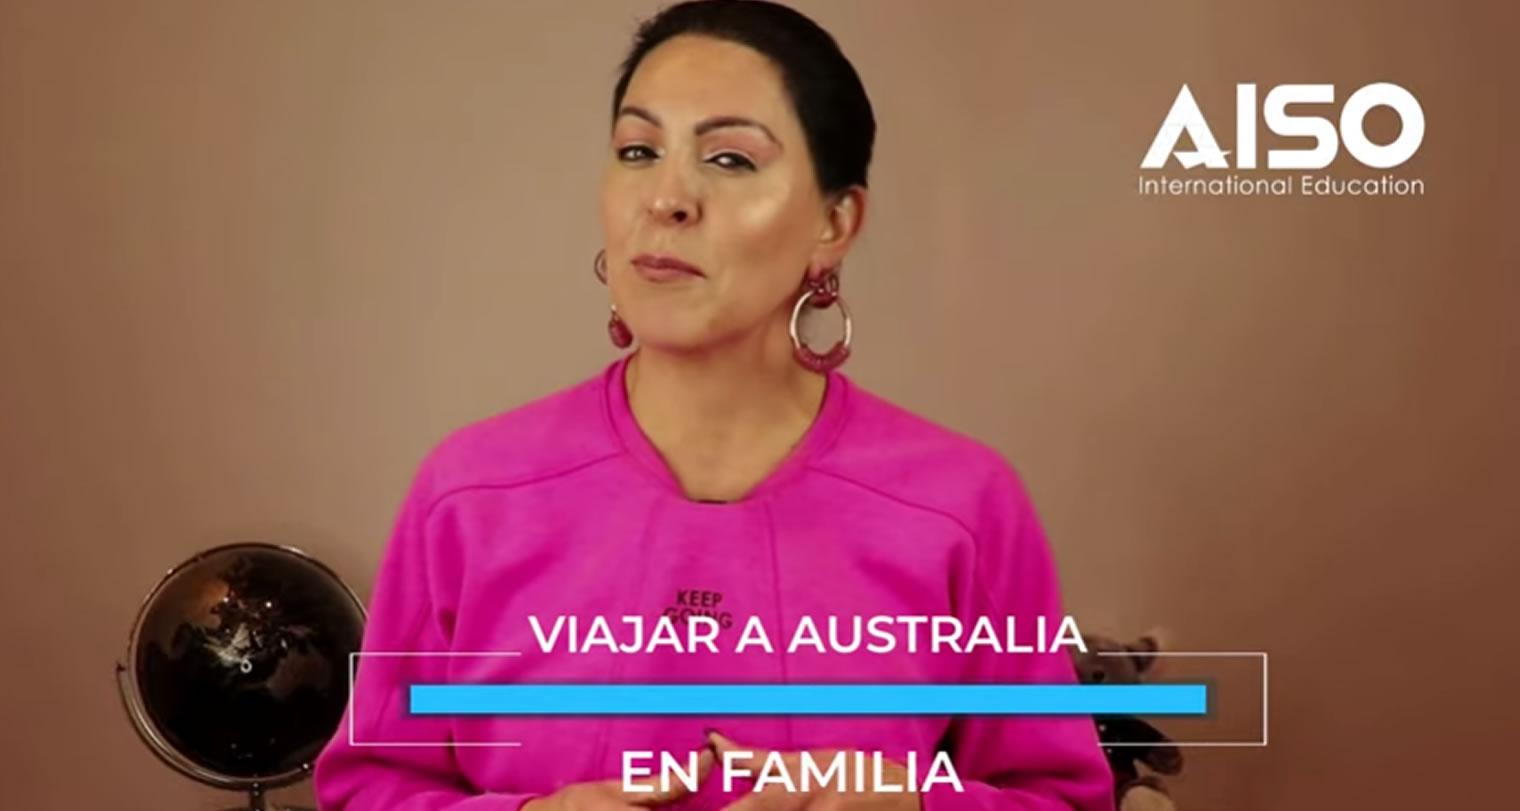 VIAJAR EN FAMILIA A AUSTRALIA - .ASPECTOS A CONSIDERARSE PARA VIAJAR EN EL 2022.. AISO AUSTRALIA